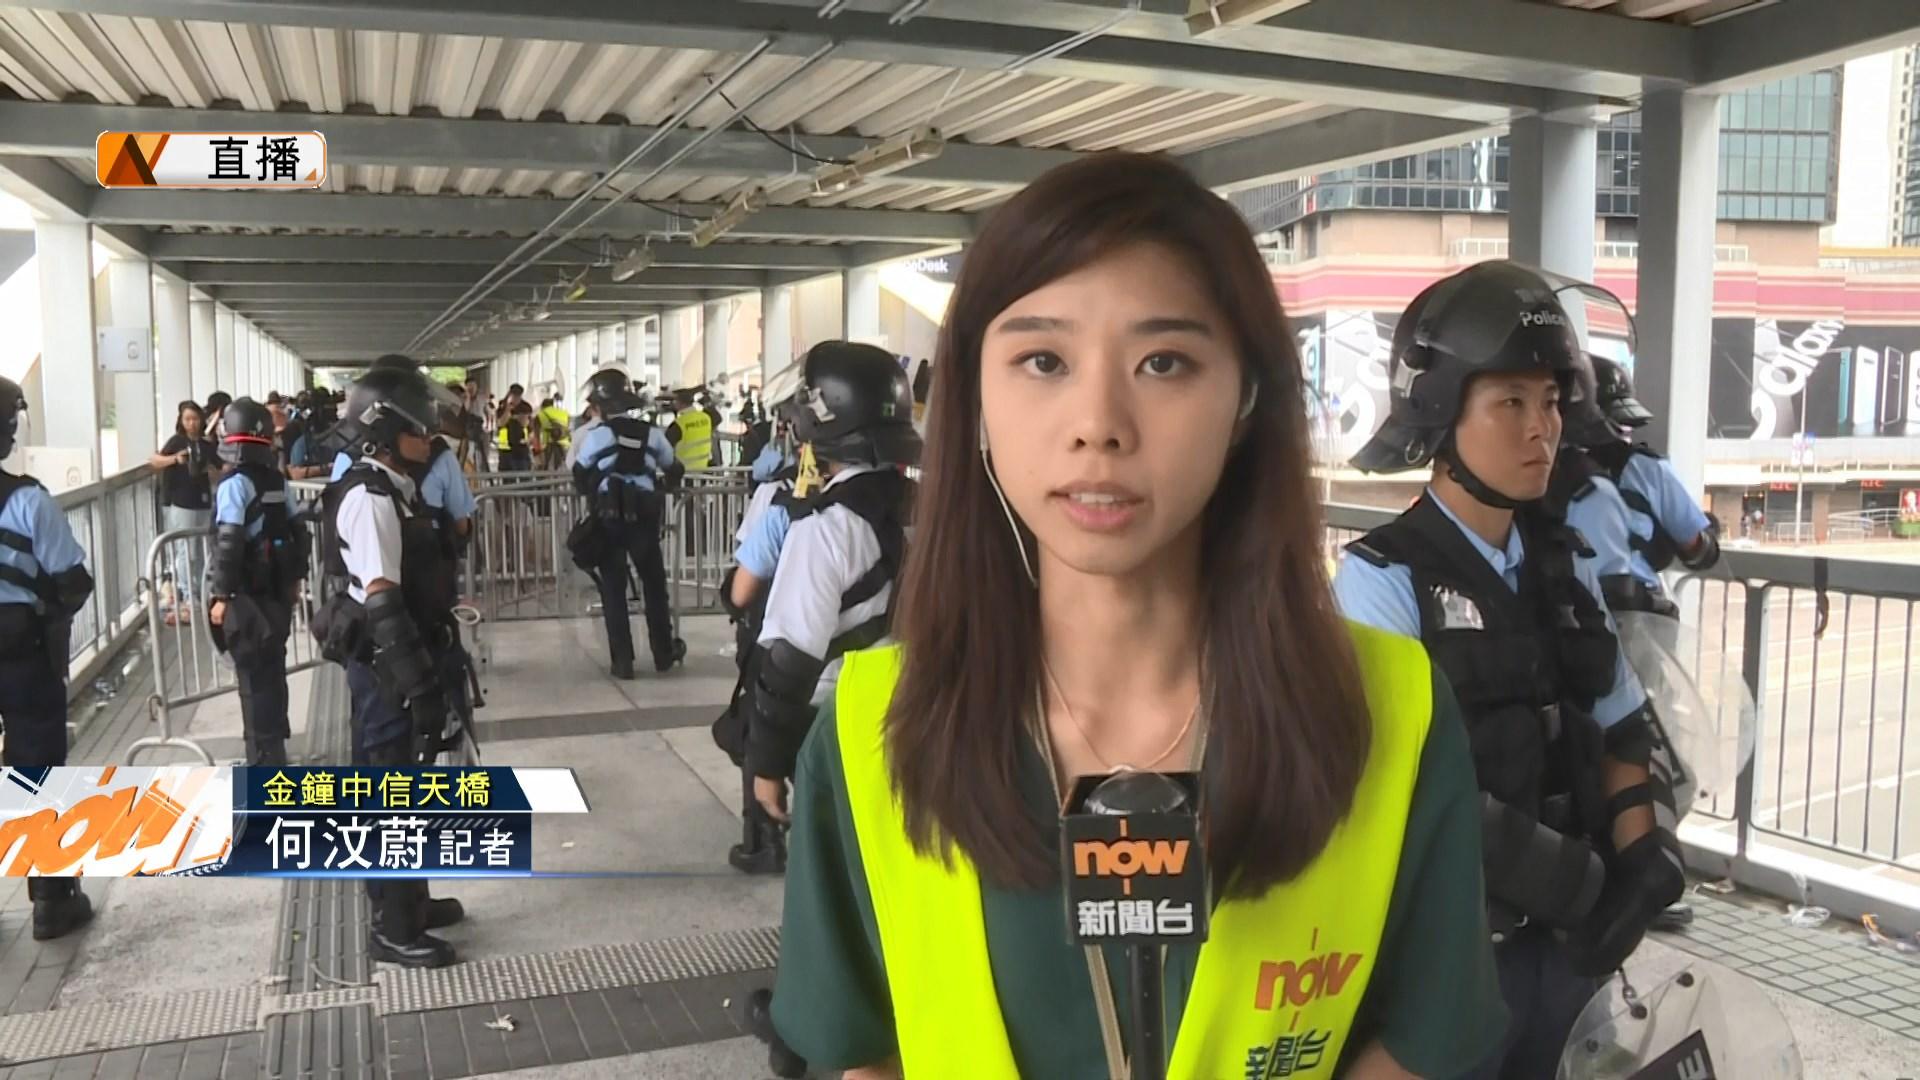 【現場報道】中信天橋一度有示威者要求進入示威區